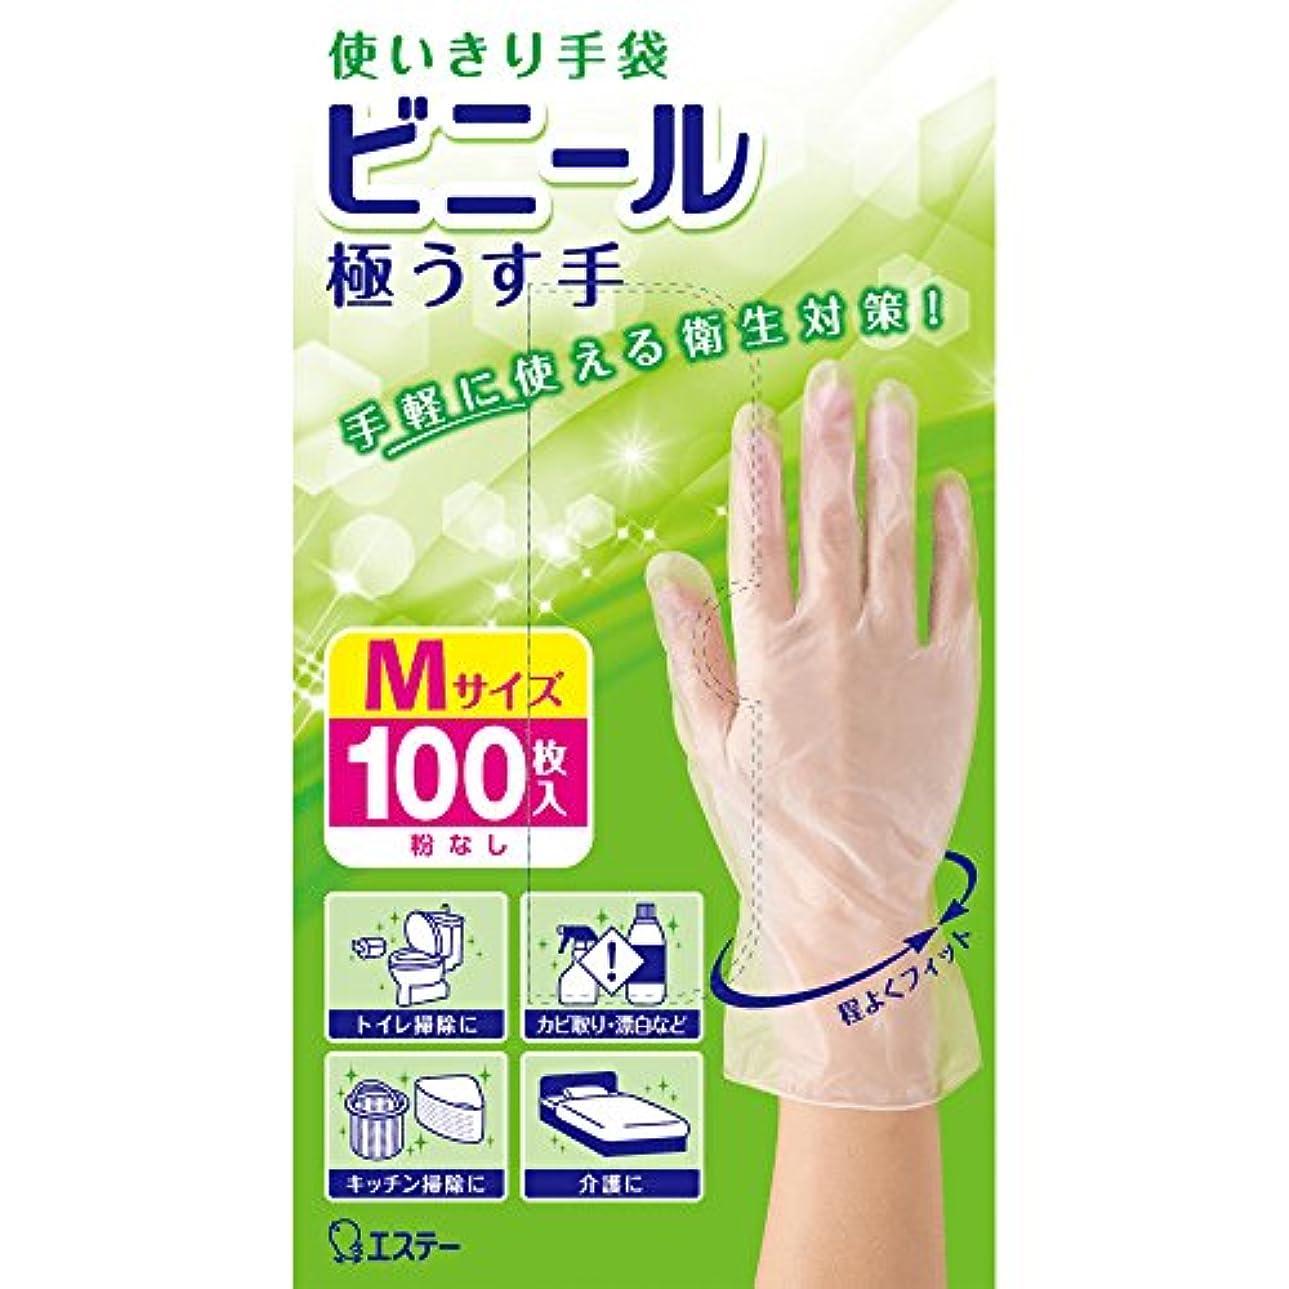 三角アルミニウム顕現使いきり手袋 ビニール 極うす手 掃除用 使い捨て Mサイズ 半透明 100枚